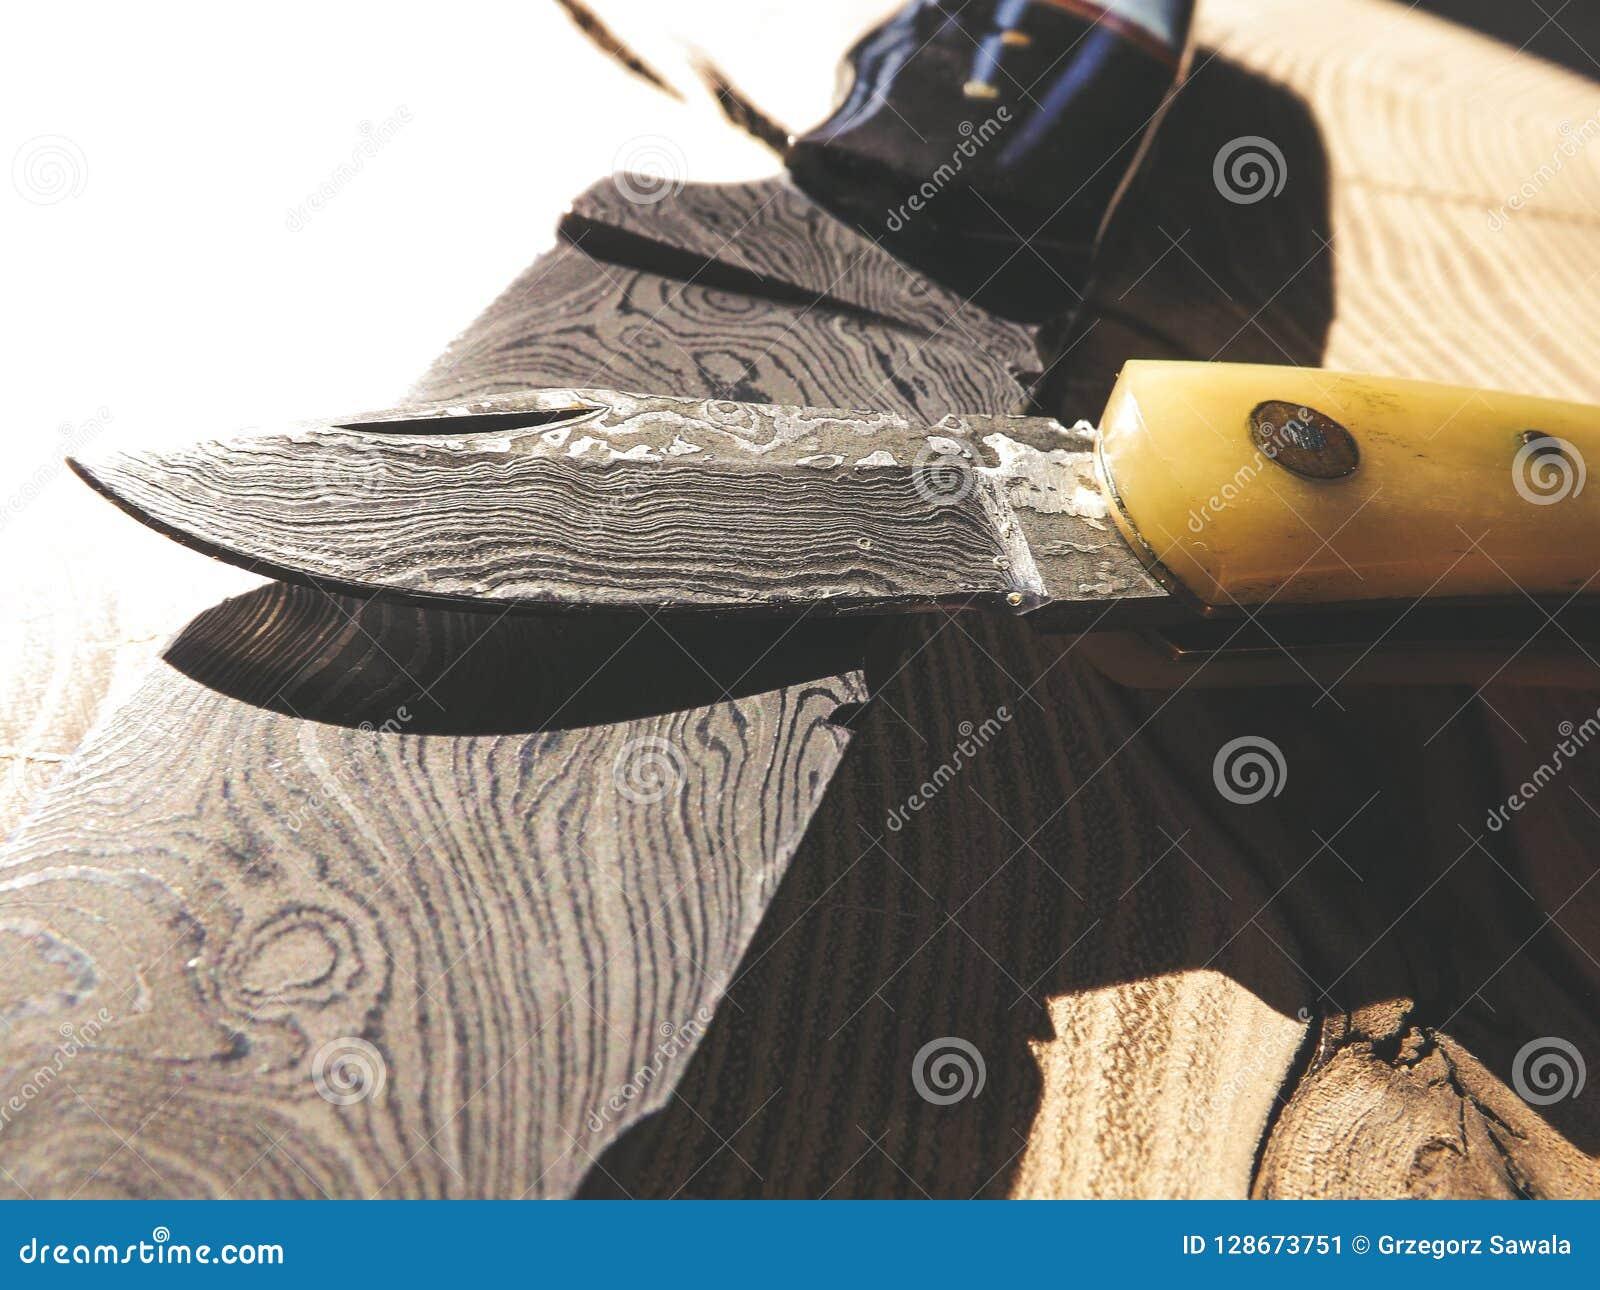 Skarpa knivar för damascus stål på träbakgrund